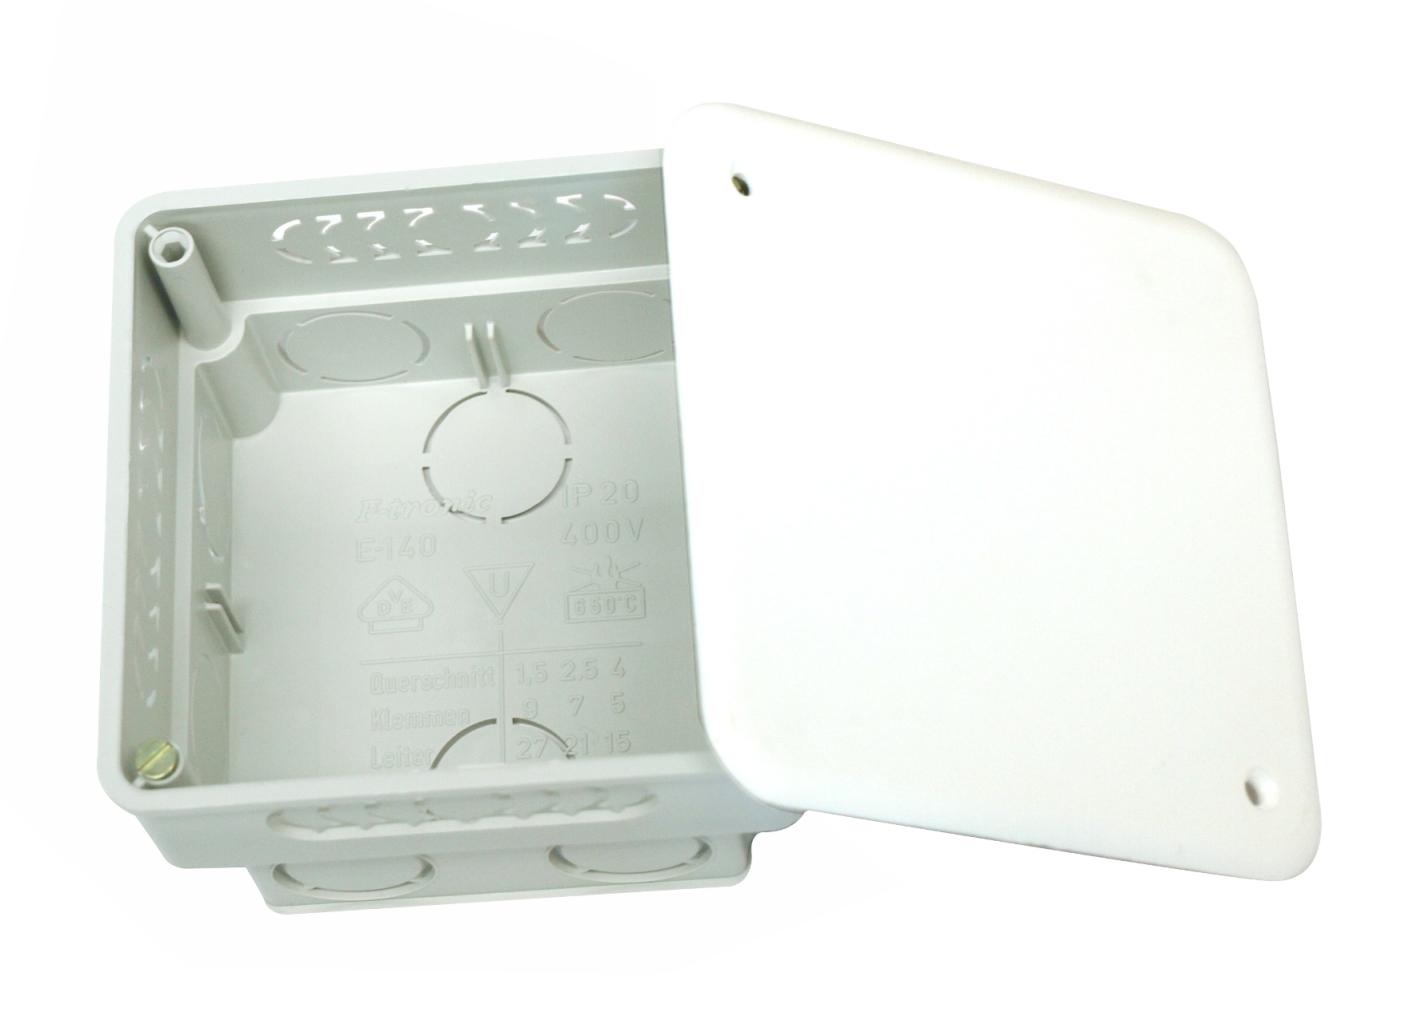 100 Stk UP-Abzweigkasten 87x87xt50mm, ausbrechbar, mit Deckel weiß GTDW140---